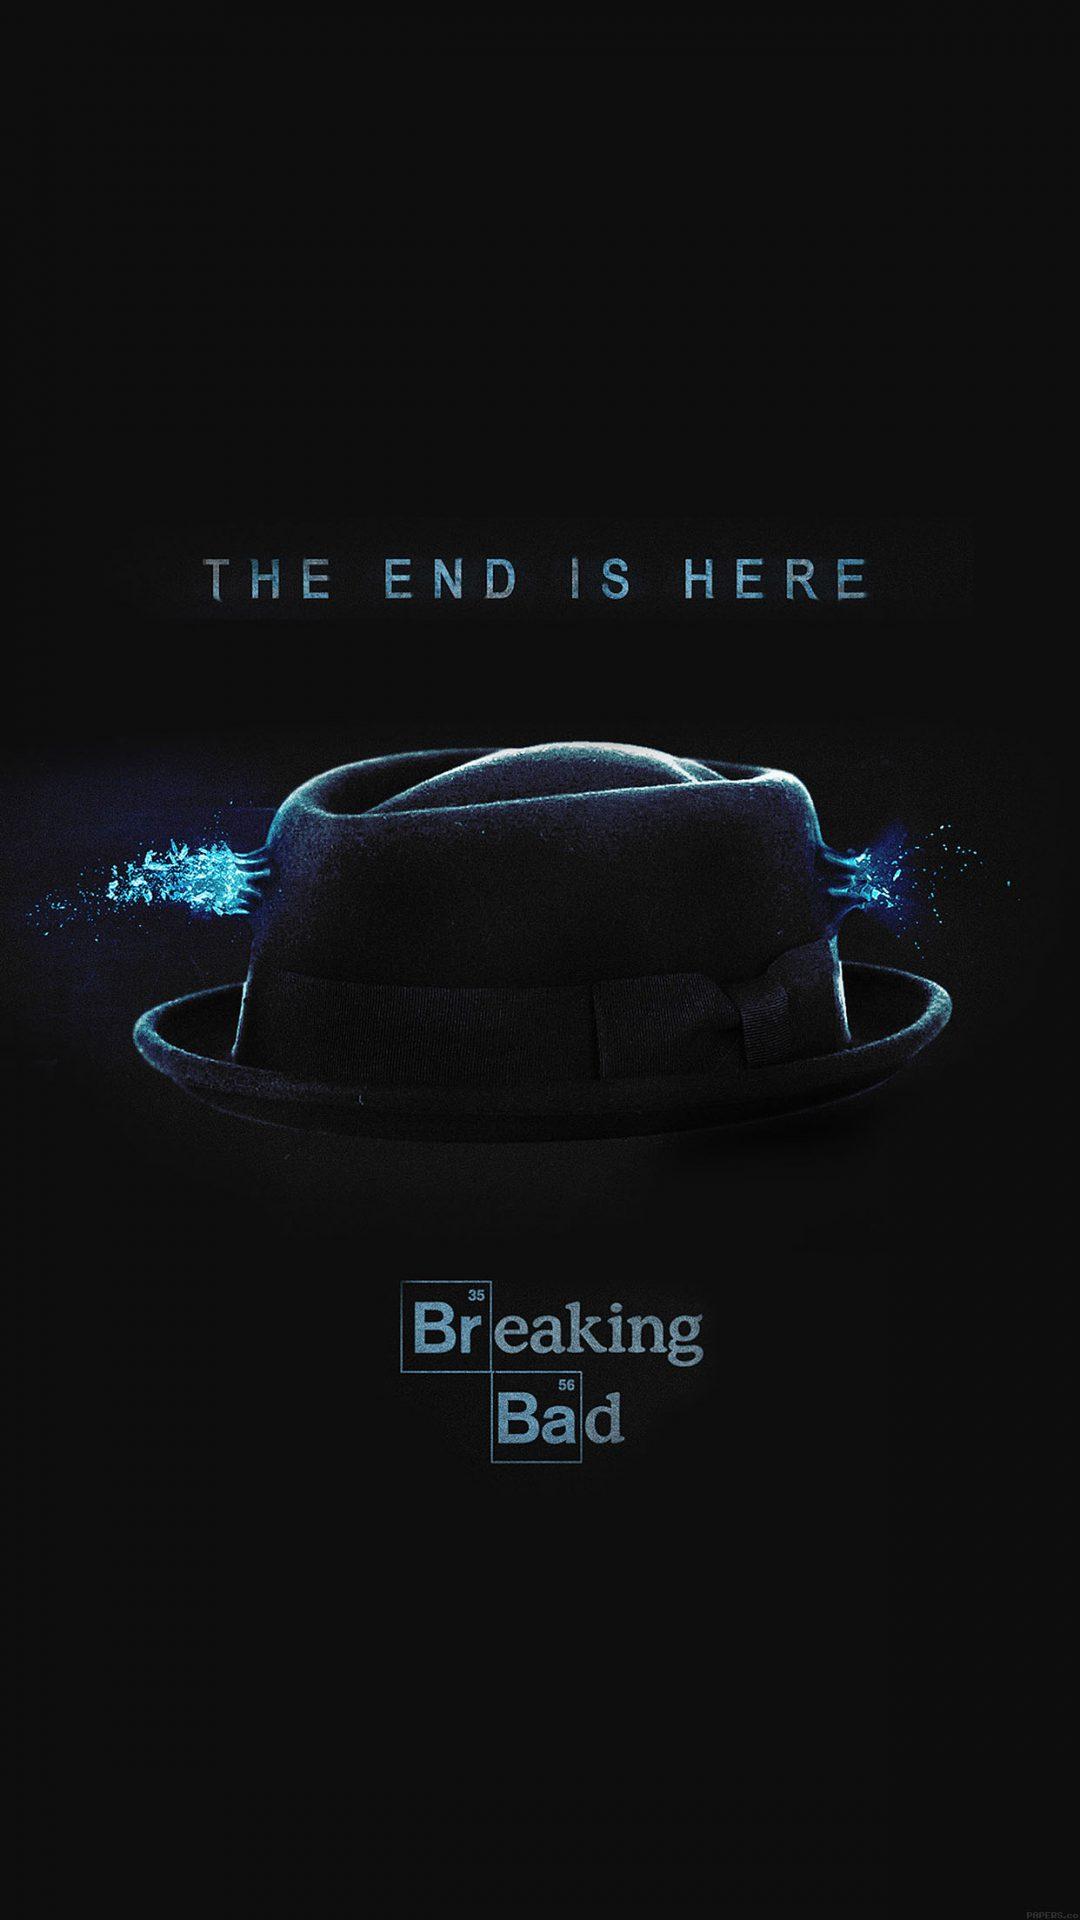 Breaking Bad End Film Art